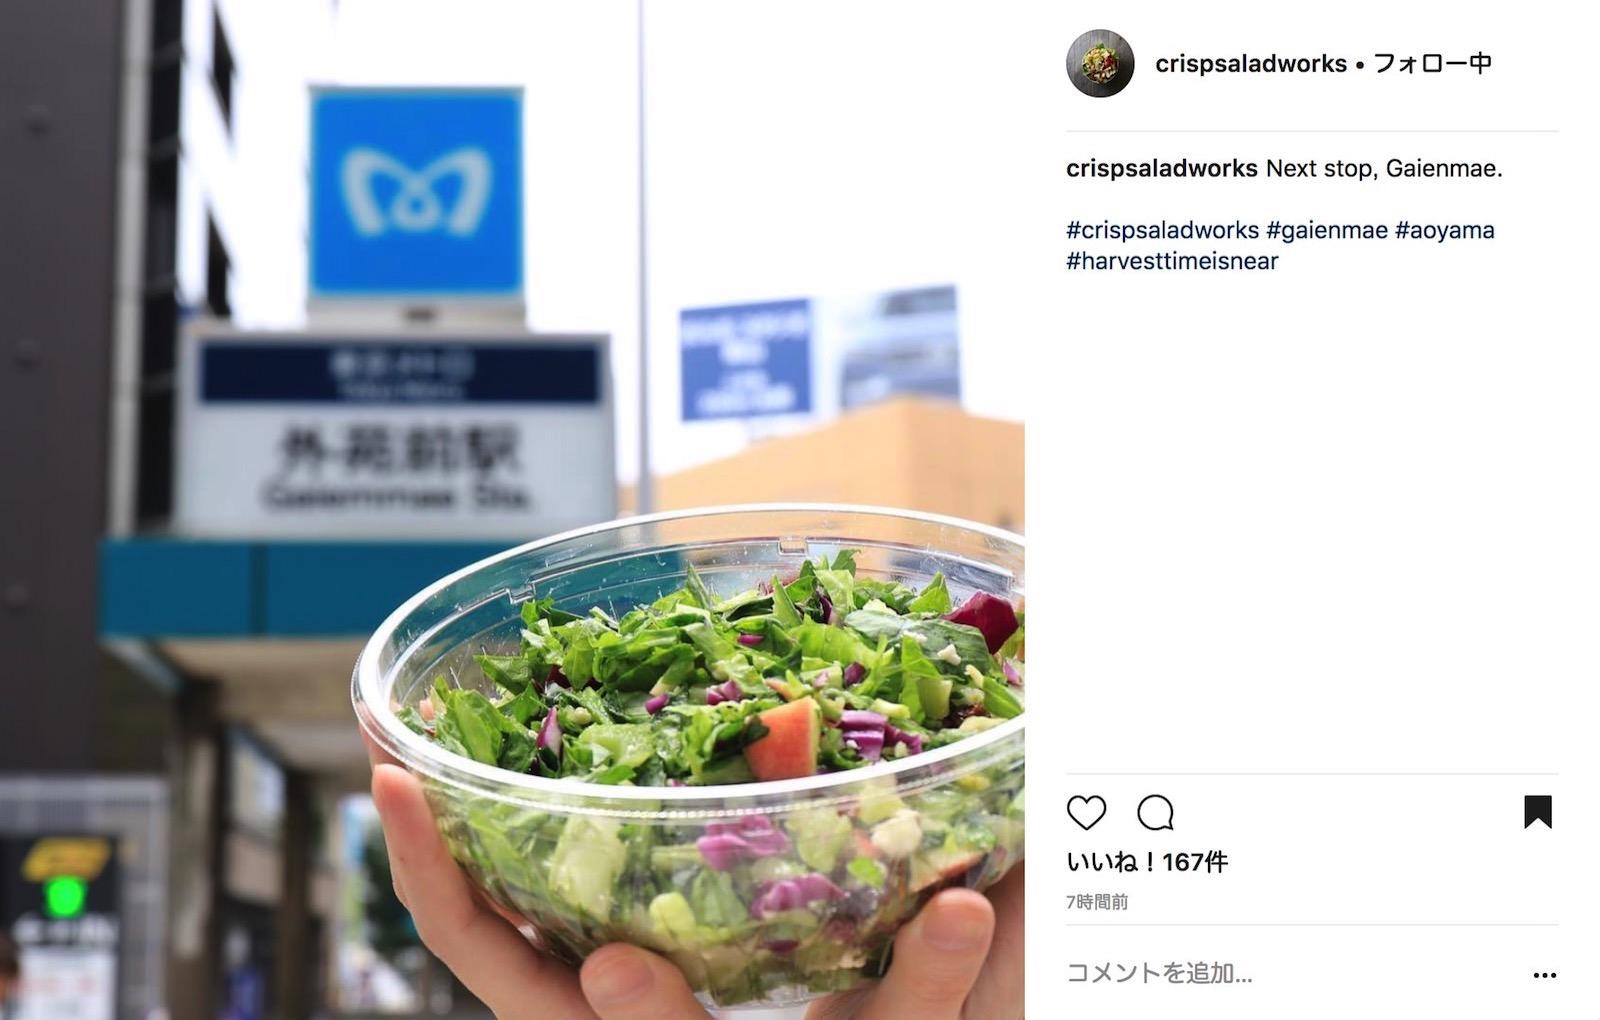 Crisp Salad Works Gaienmae